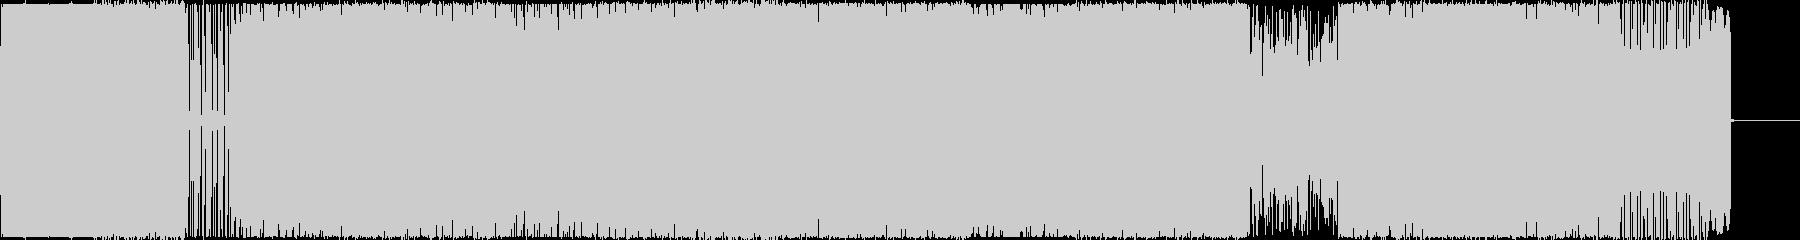 ダーク、森の中をさまよっているイメージの未再生の波形